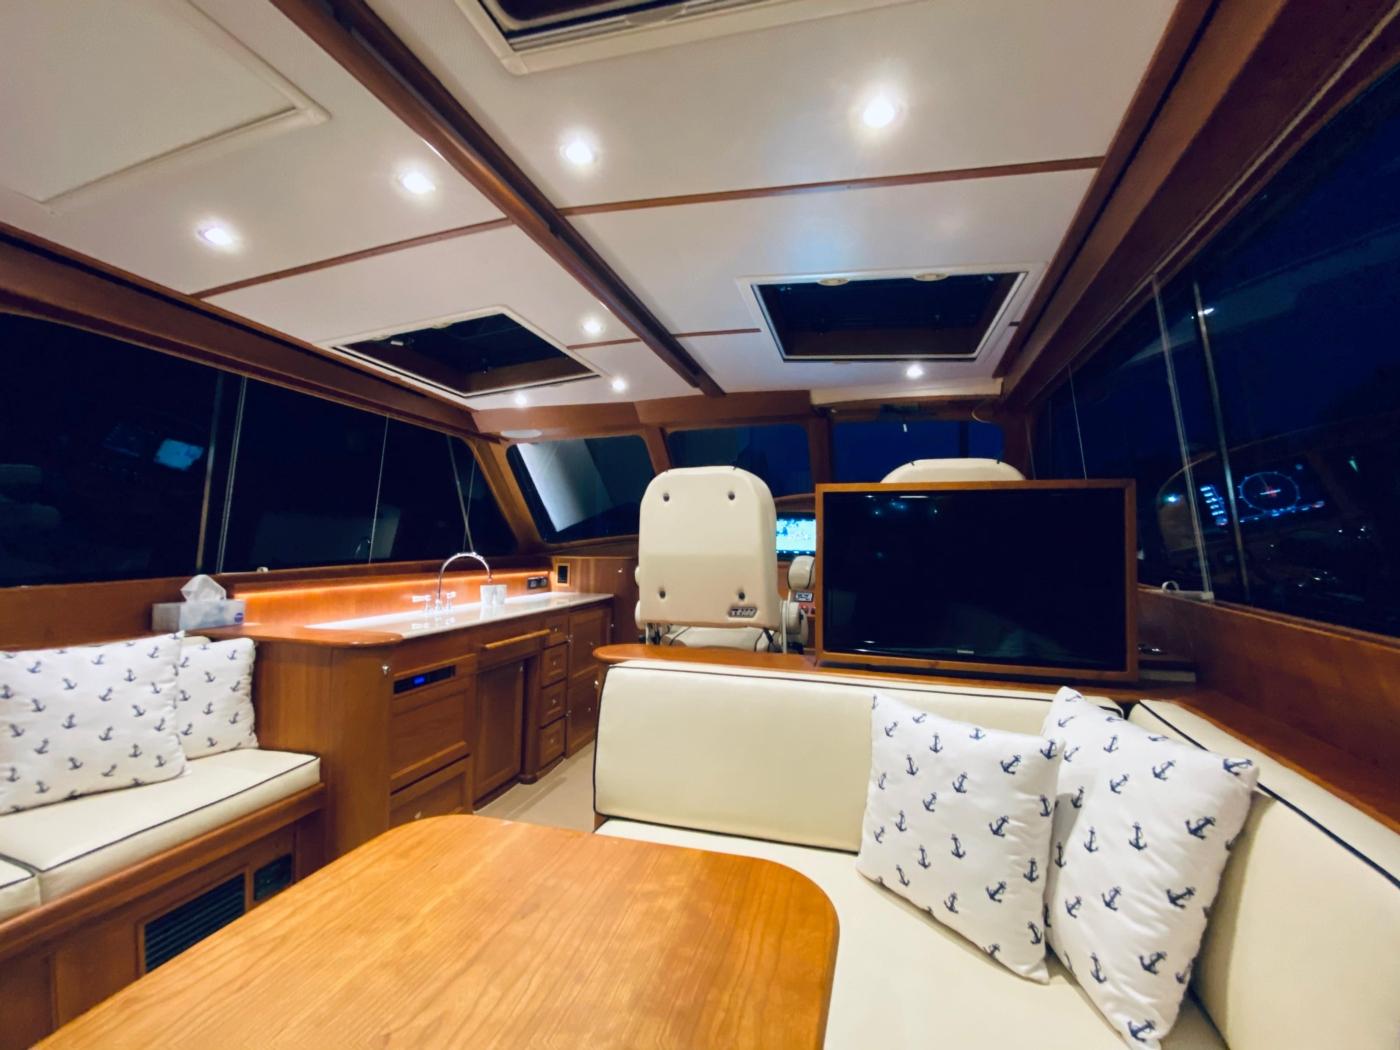 2018 Hinckley Talaria 48 MKII, Starboard looking forward